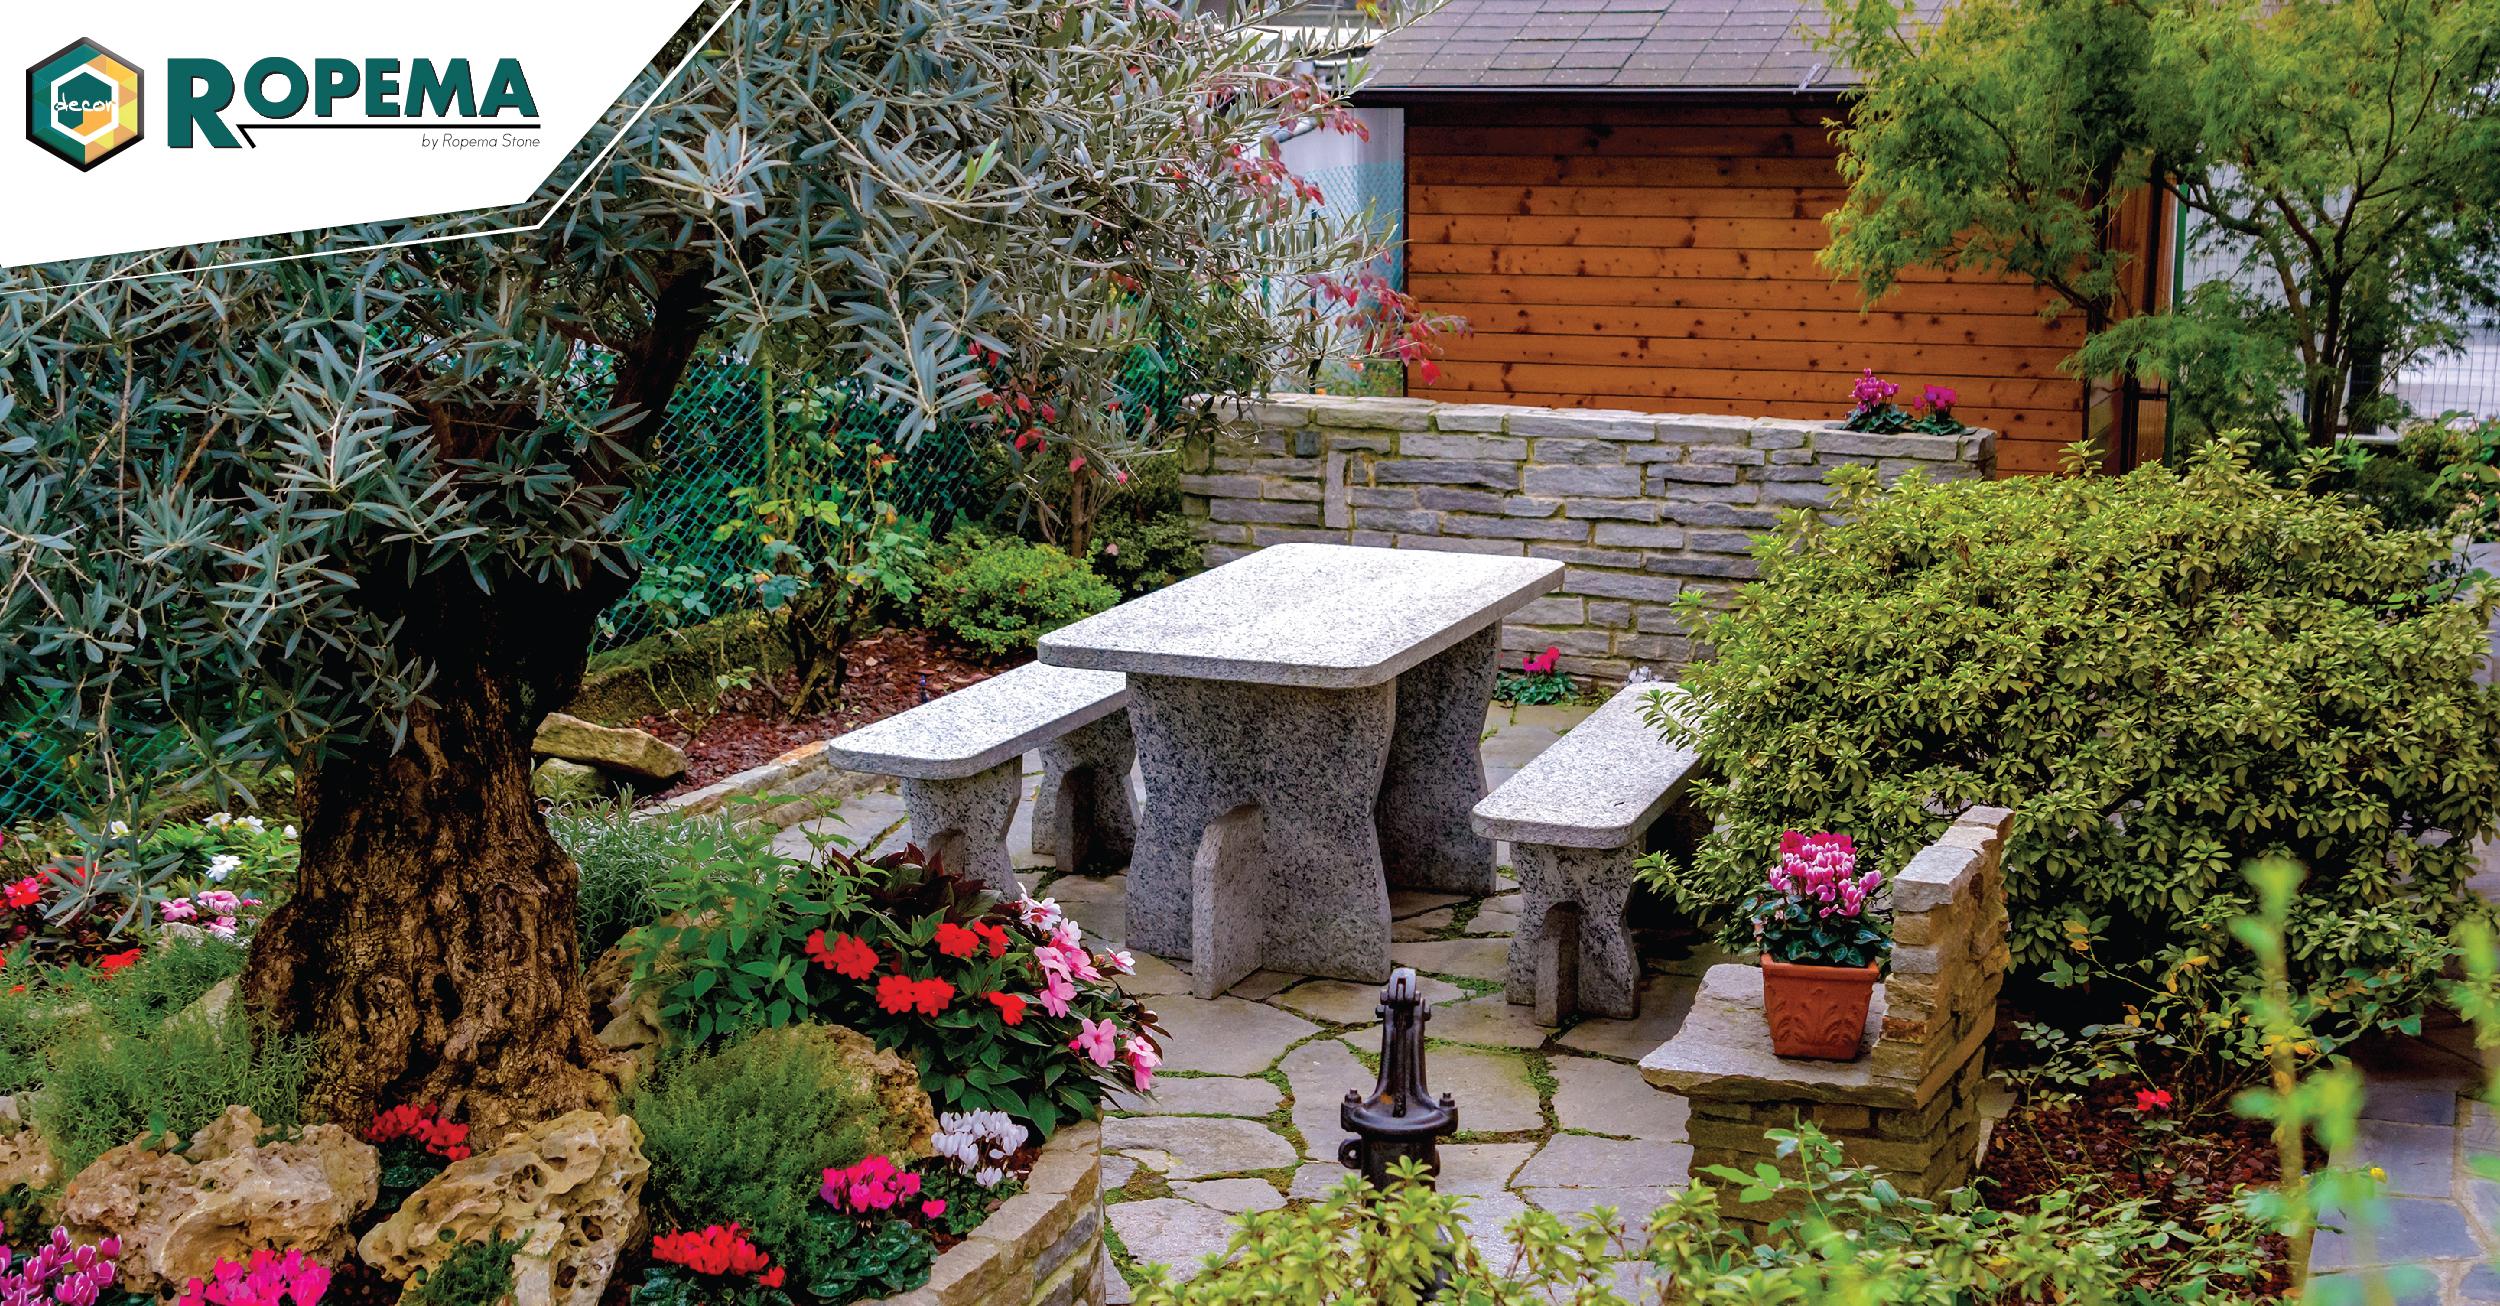 Cu l es el material m s aconsejado para tu jard n ropema - Material para jardin ...